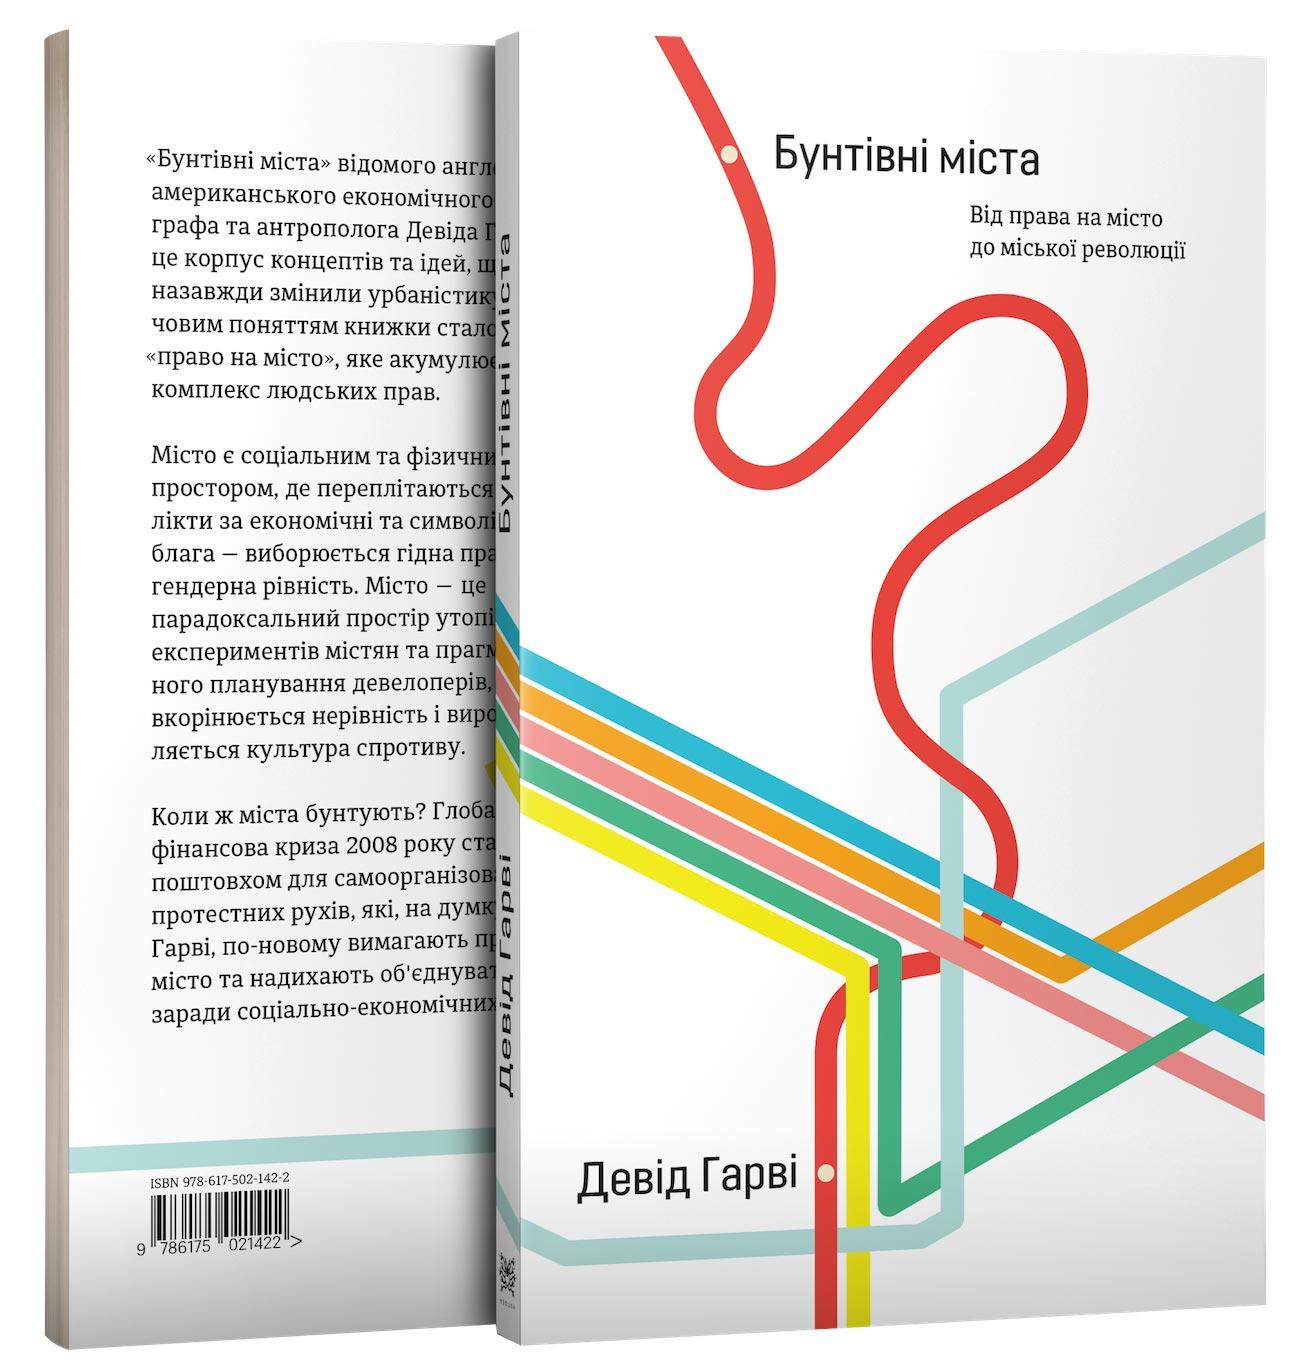 david harvey book - <b>«Современная революция должна быть городской — или не произойти вообще».</b> Публикуем отрывок из книги «Мятежные города» Дэвида Харви - Заборона